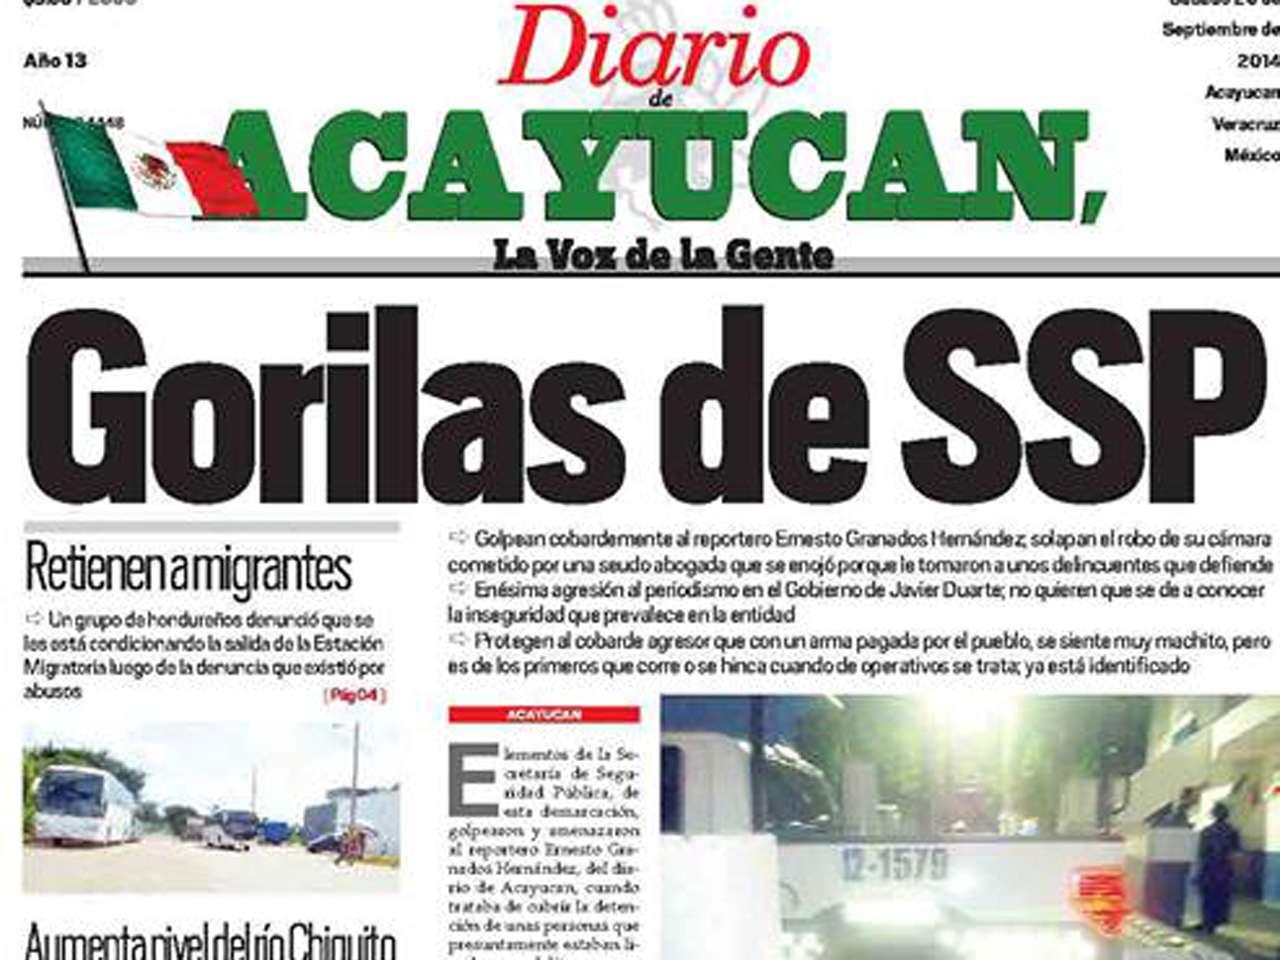 El Diario de Acayucán, en el que Granados Hernández trabaja, denunció el hecho en su edición de este sábado Foto: Imagen tomada de Facebook/Diario de Acayucan